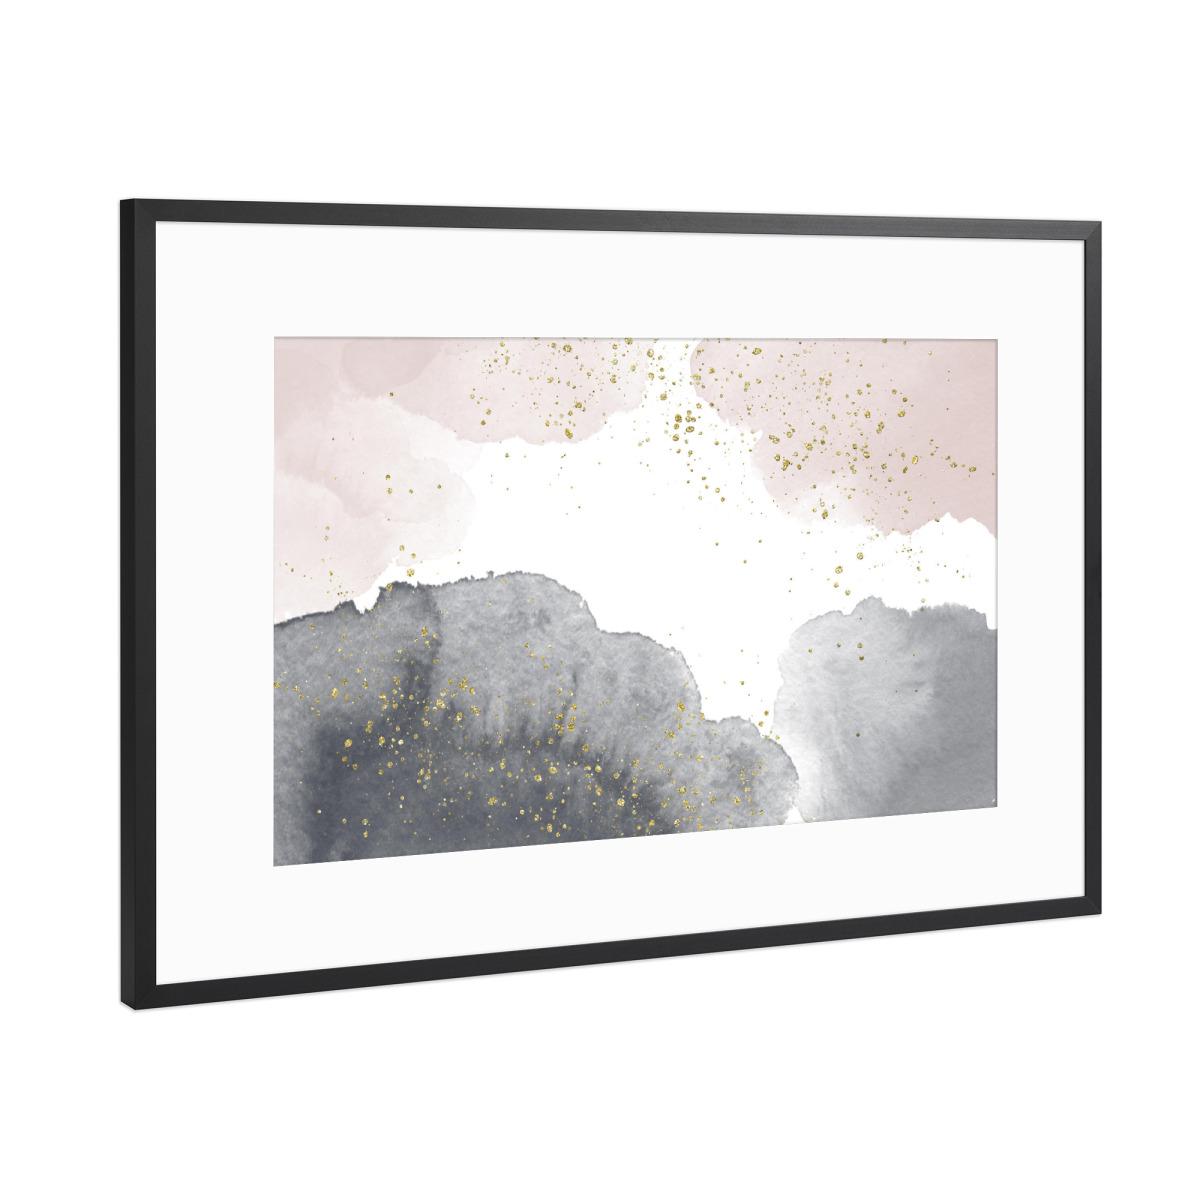 Sparkling Watercolour Clouds - Black Nude als Gerahmt bei artboxONE ...